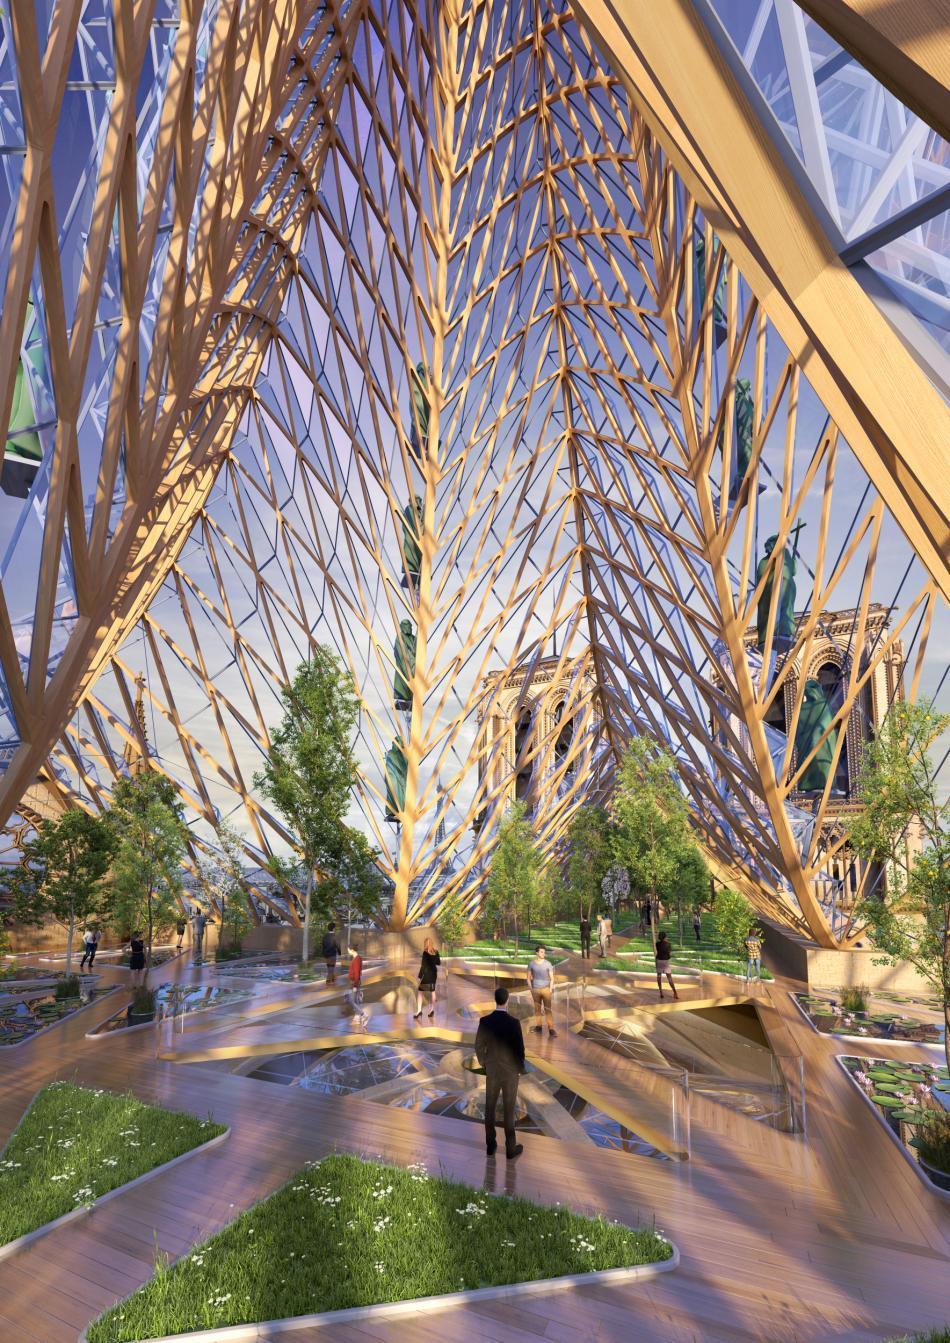 Podle návrhu Vincent Callebaut Architectures by na střeše katedrály Notre-Dame mohla být zahrada